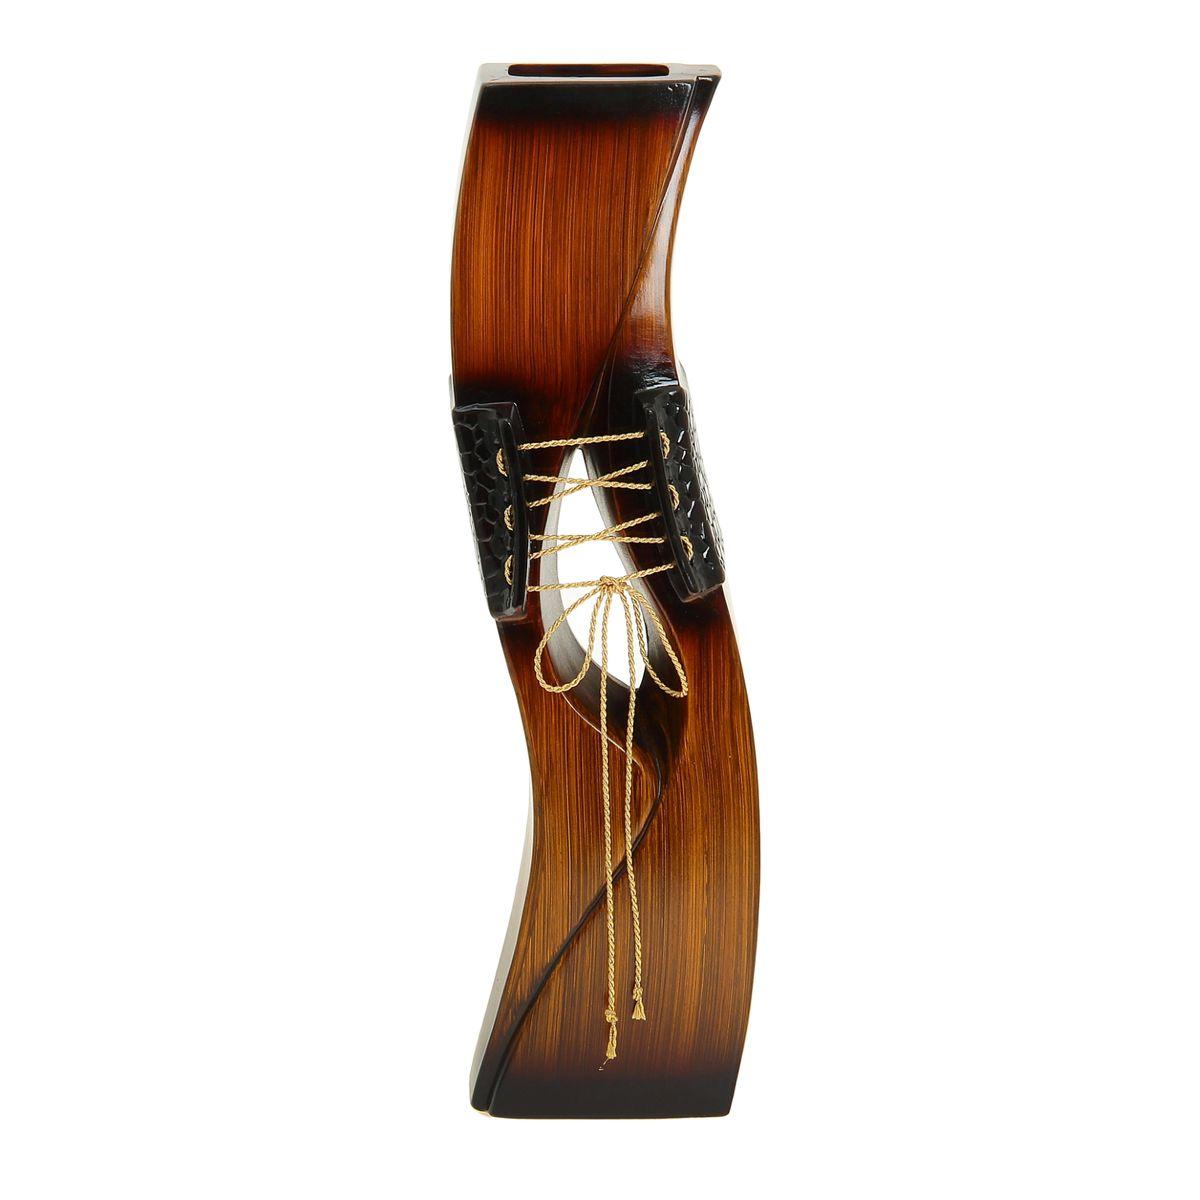 Ваза напольная Шнуровка, цвет: коричневый, высота 60 см. 912926912926Керамика